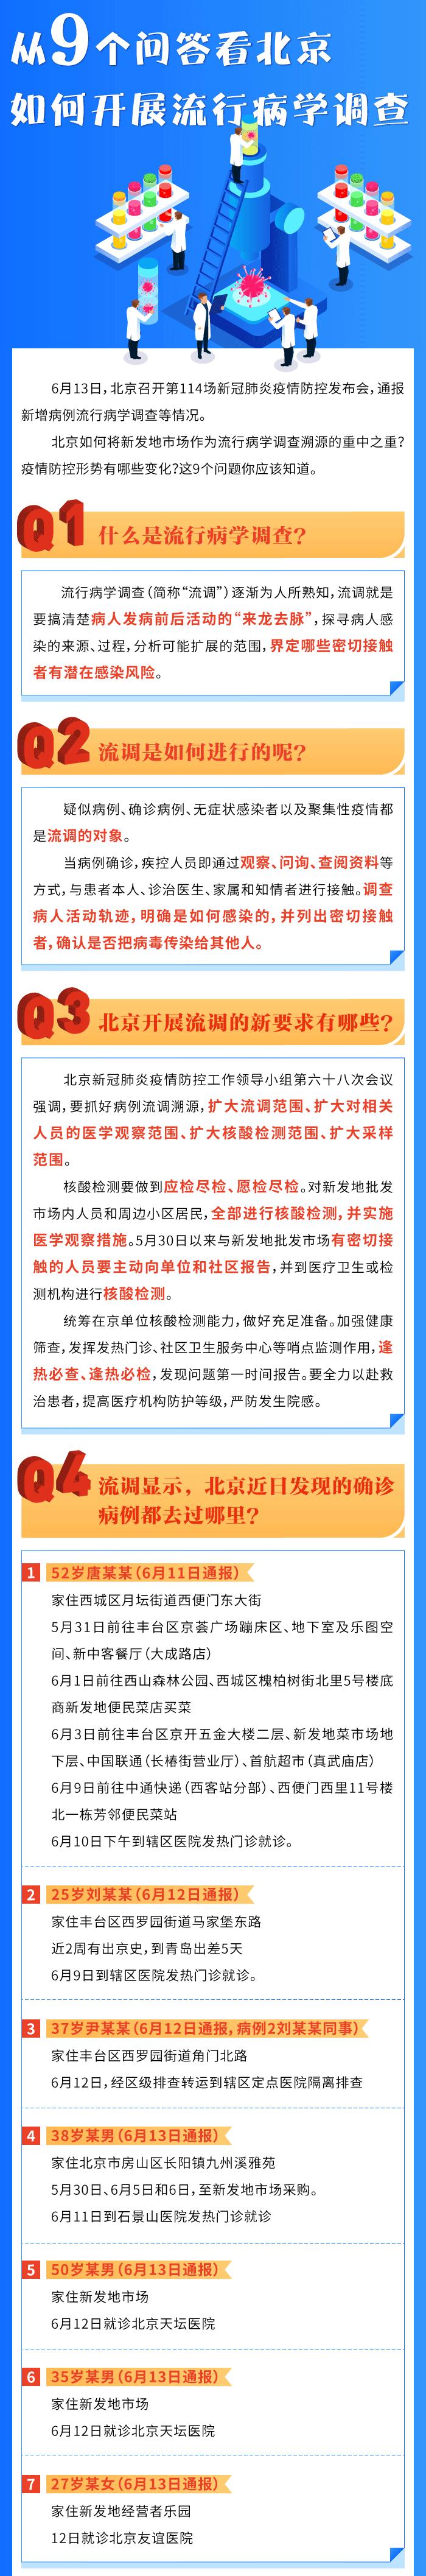 图解 | 从9个问答看北京如何开展流行病学调查图片